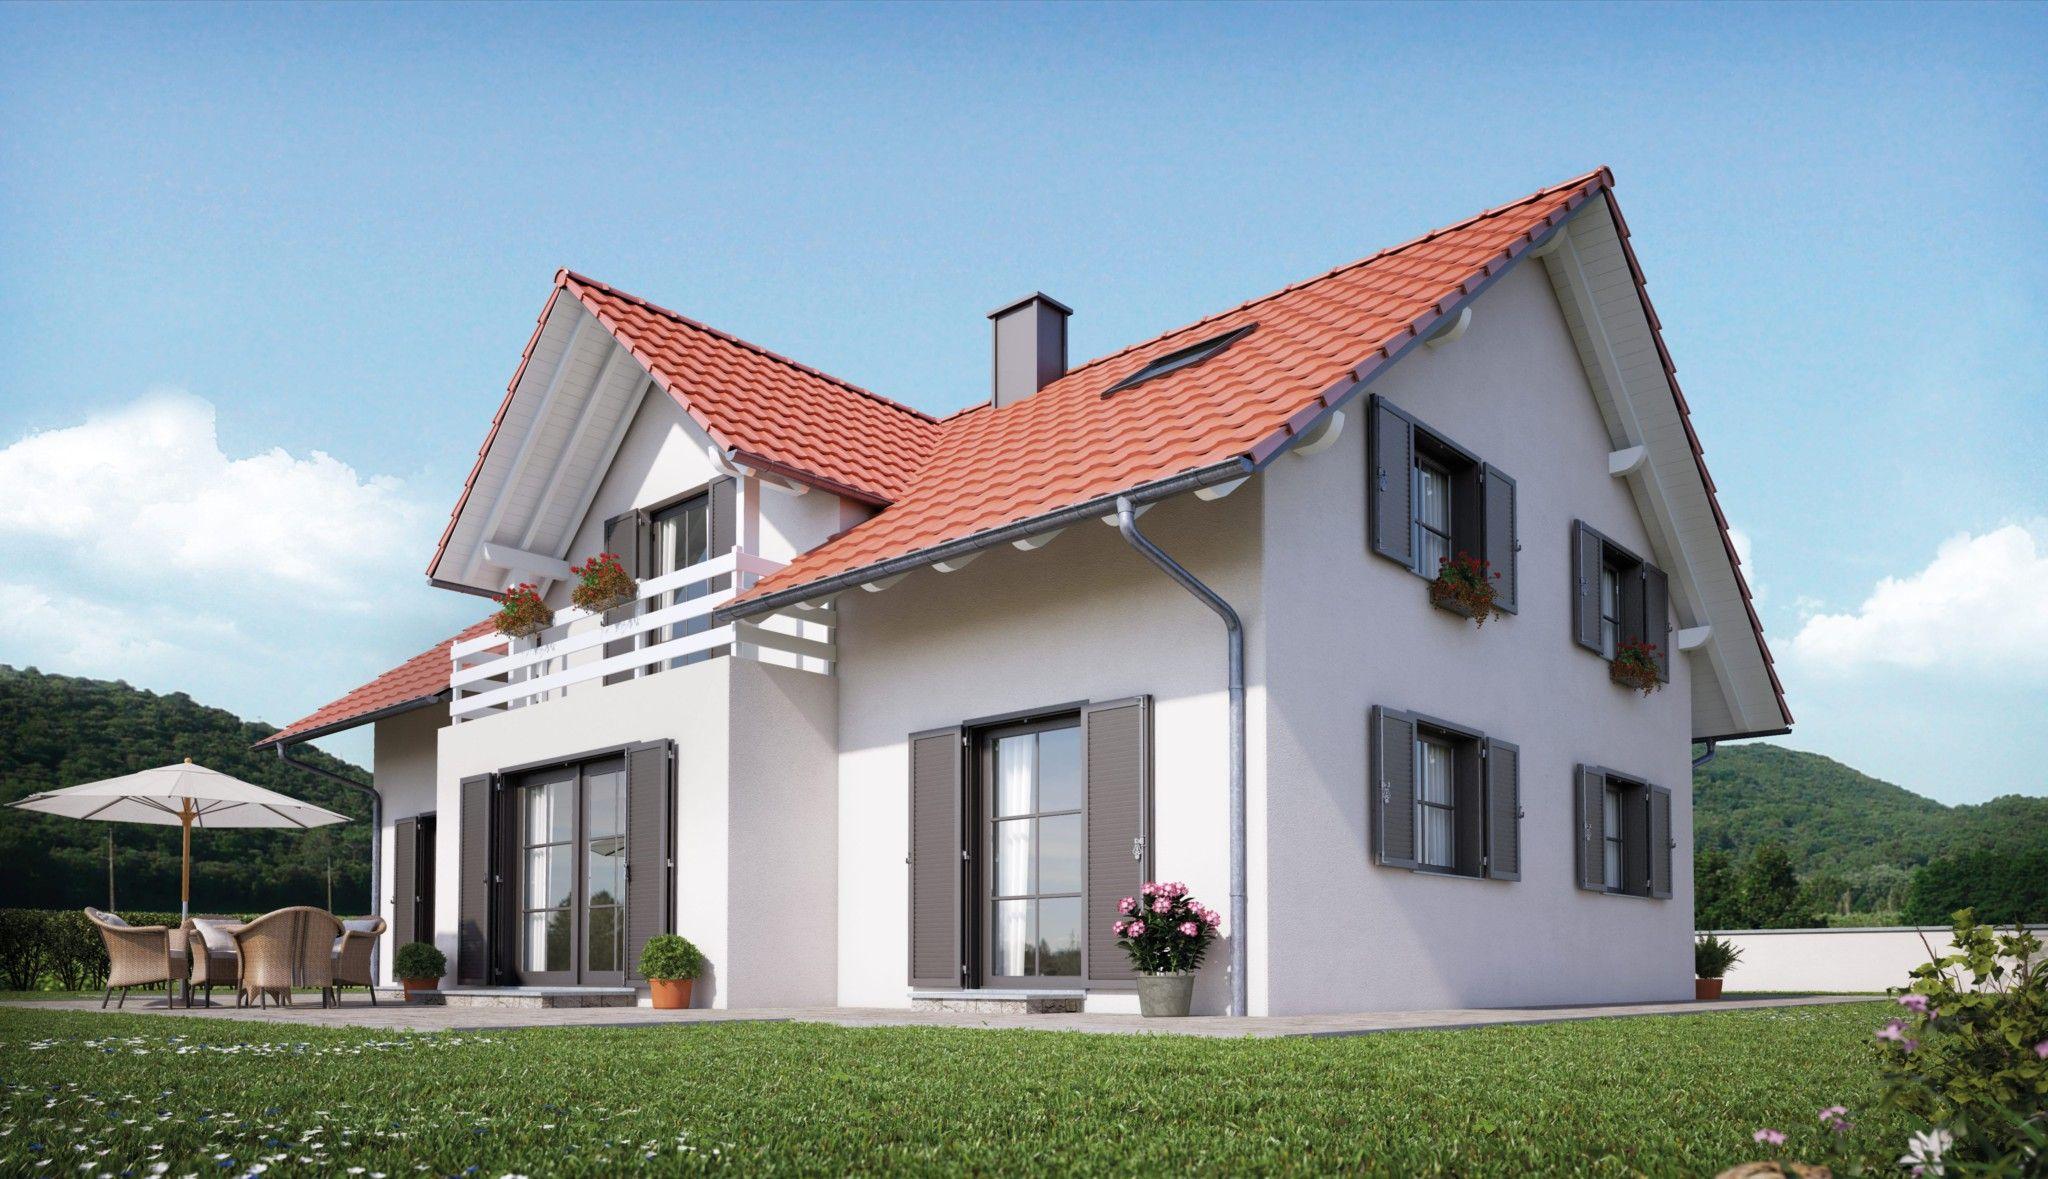 Häuser Mit Fensterläden